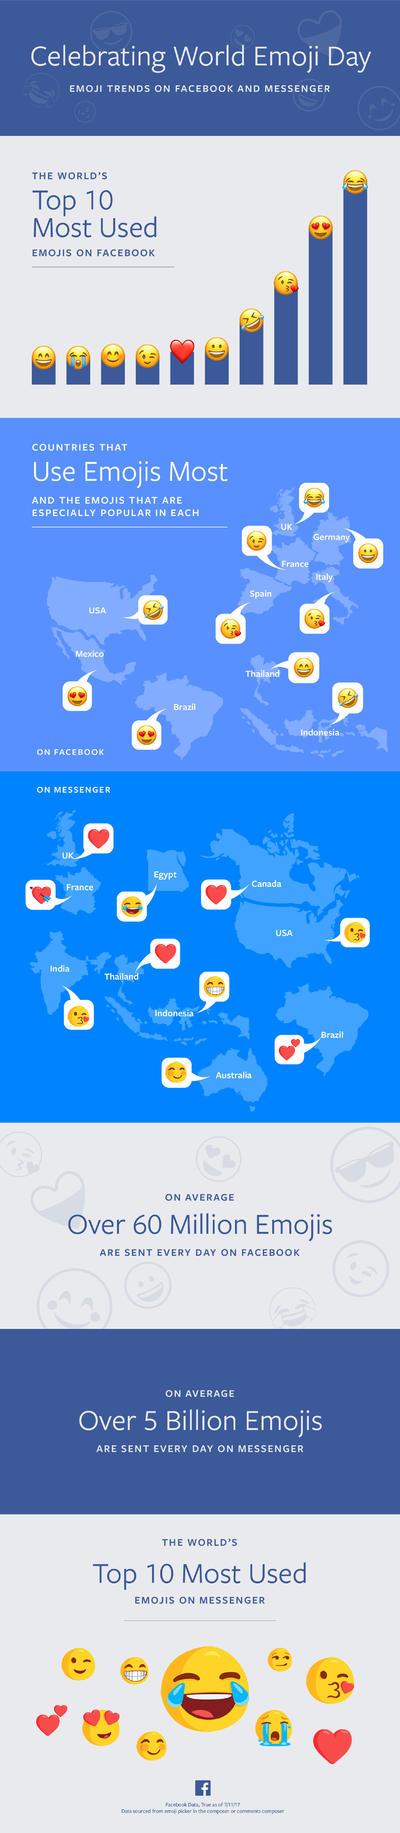 5 milliards d'émojis sont envoyés quotidiennement sur Facebook Messenger (Photo crédit: Facebook)